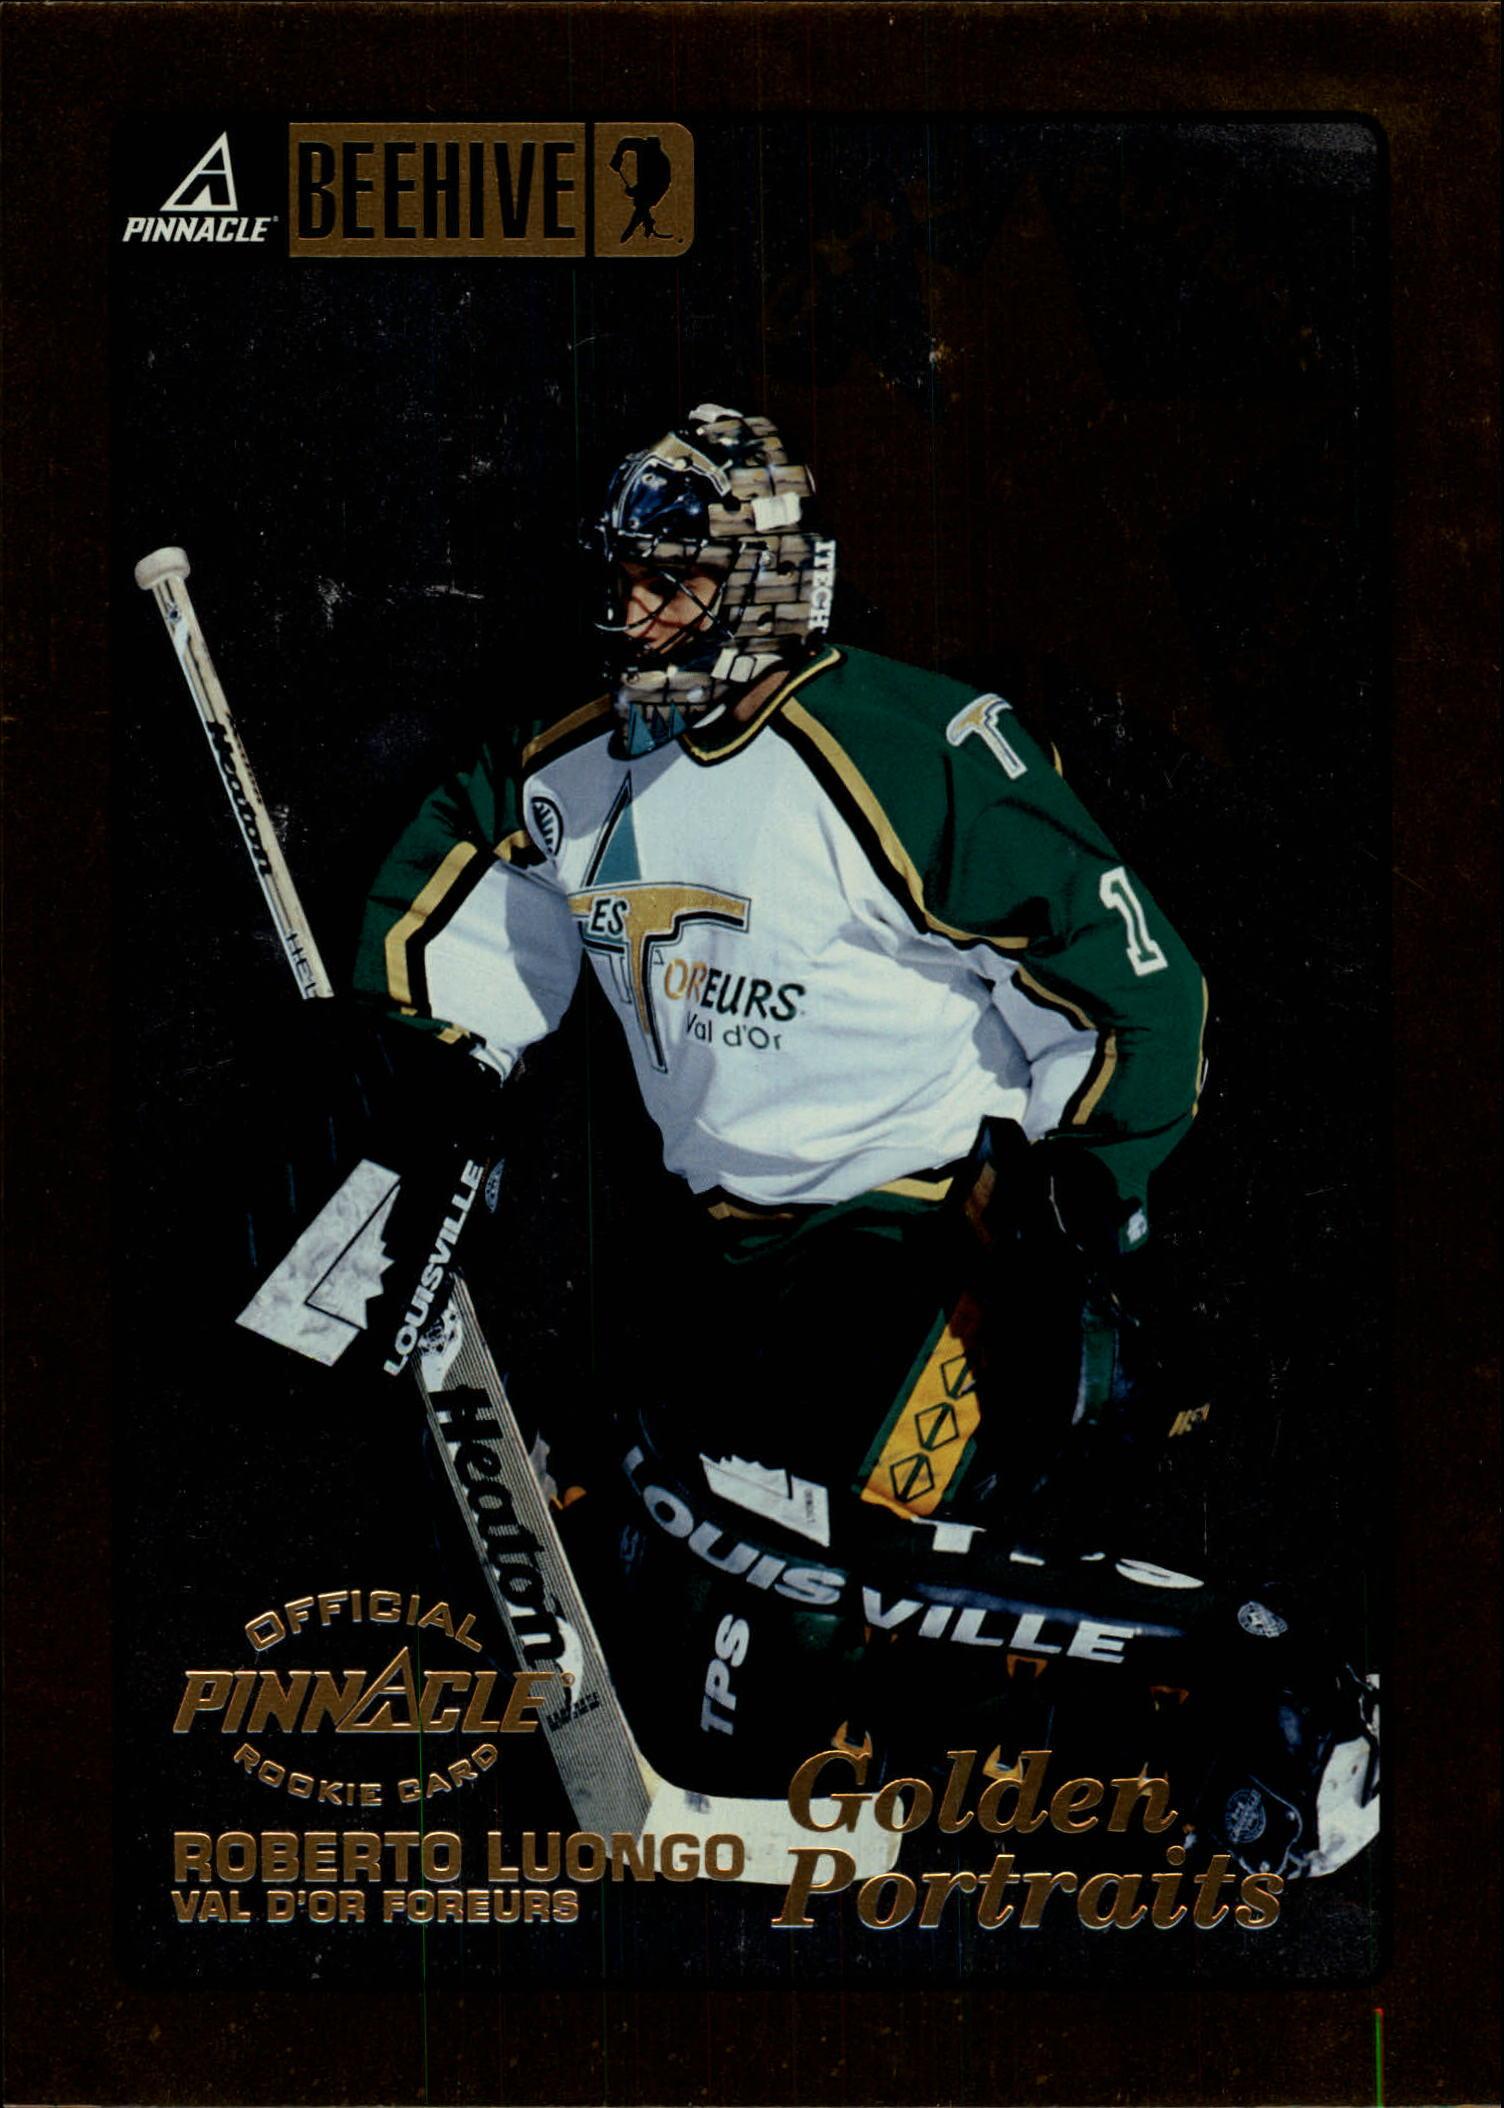 1997-98 Beehive Golden Portraits #69 Roberto Luongo JLS